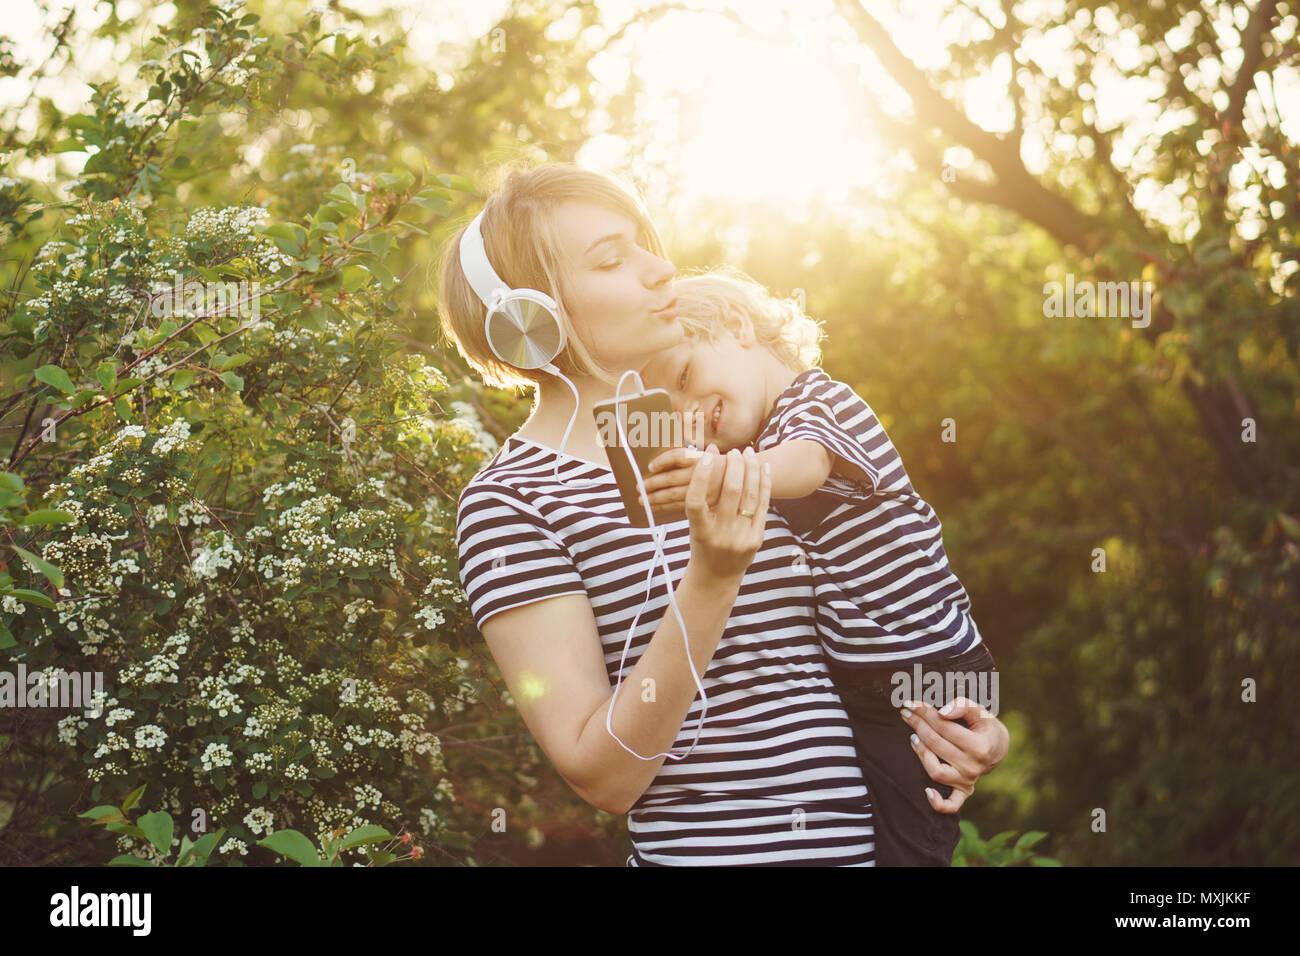 Madre e hijo en rayas T-shirts. Mujer escucha música con los auriculares y el muchacho sostiene en sus brazos. Él está sosteniendo el teléfono celular y hacer selfie. Familia Imagen De Stock